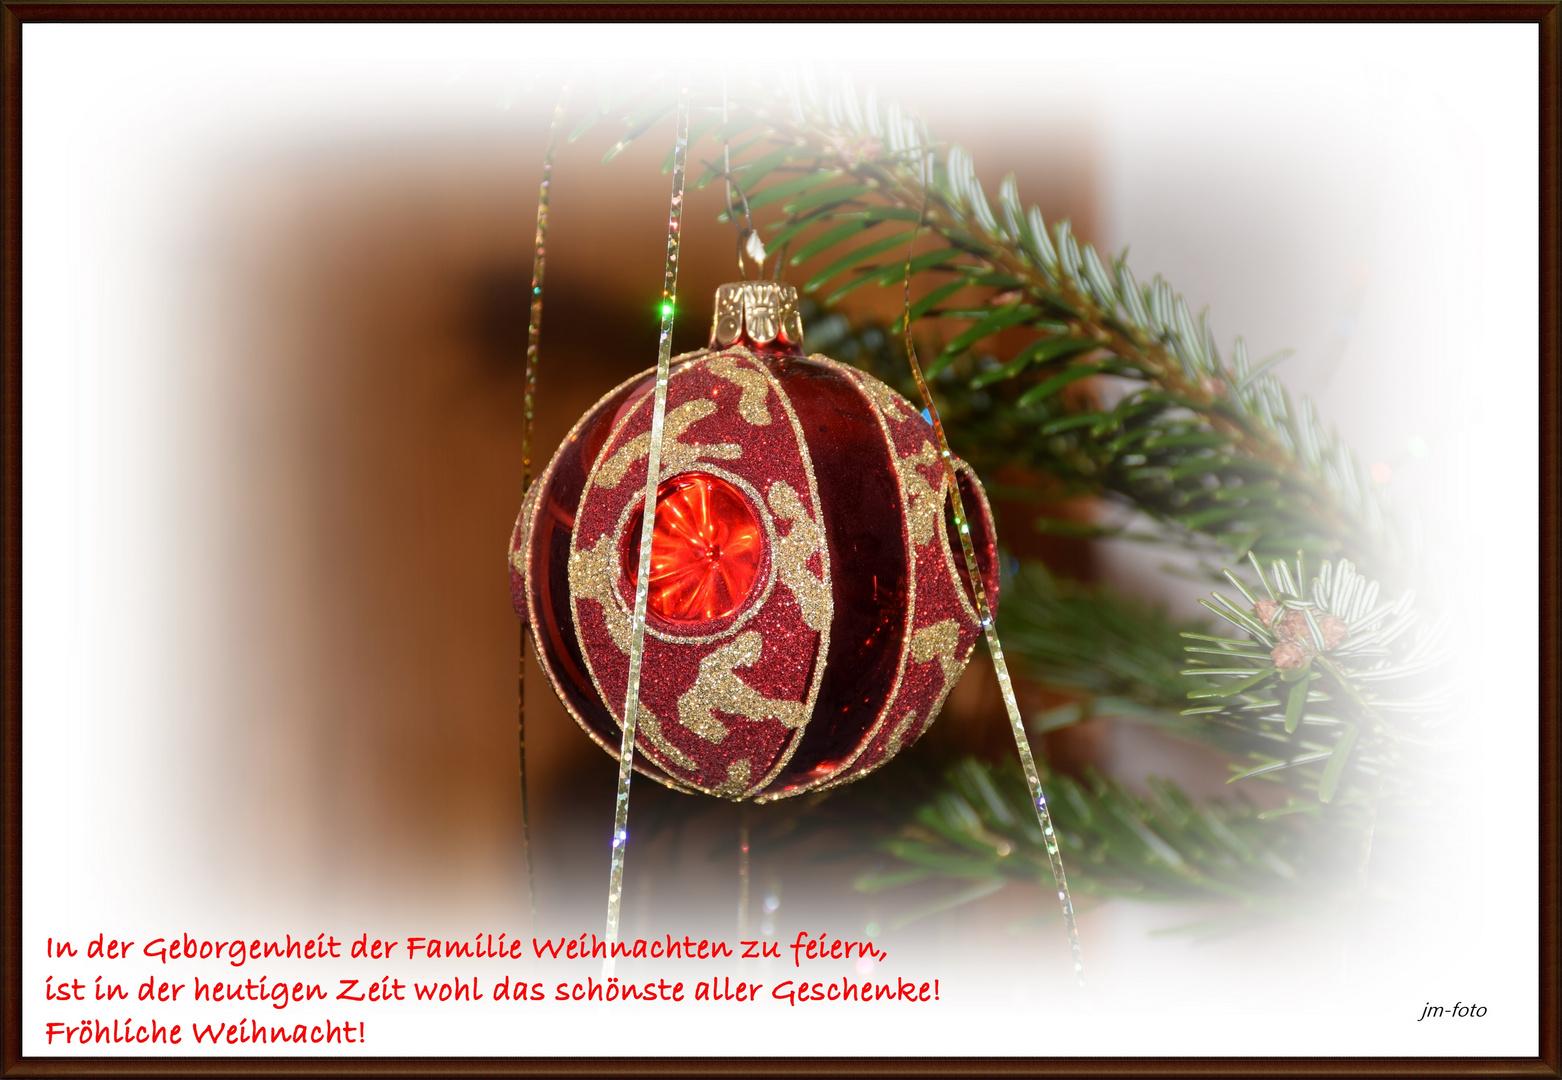 Fröhliche Weihnachten Foto & Bild | weihnachten, spezial, fröhlich ...